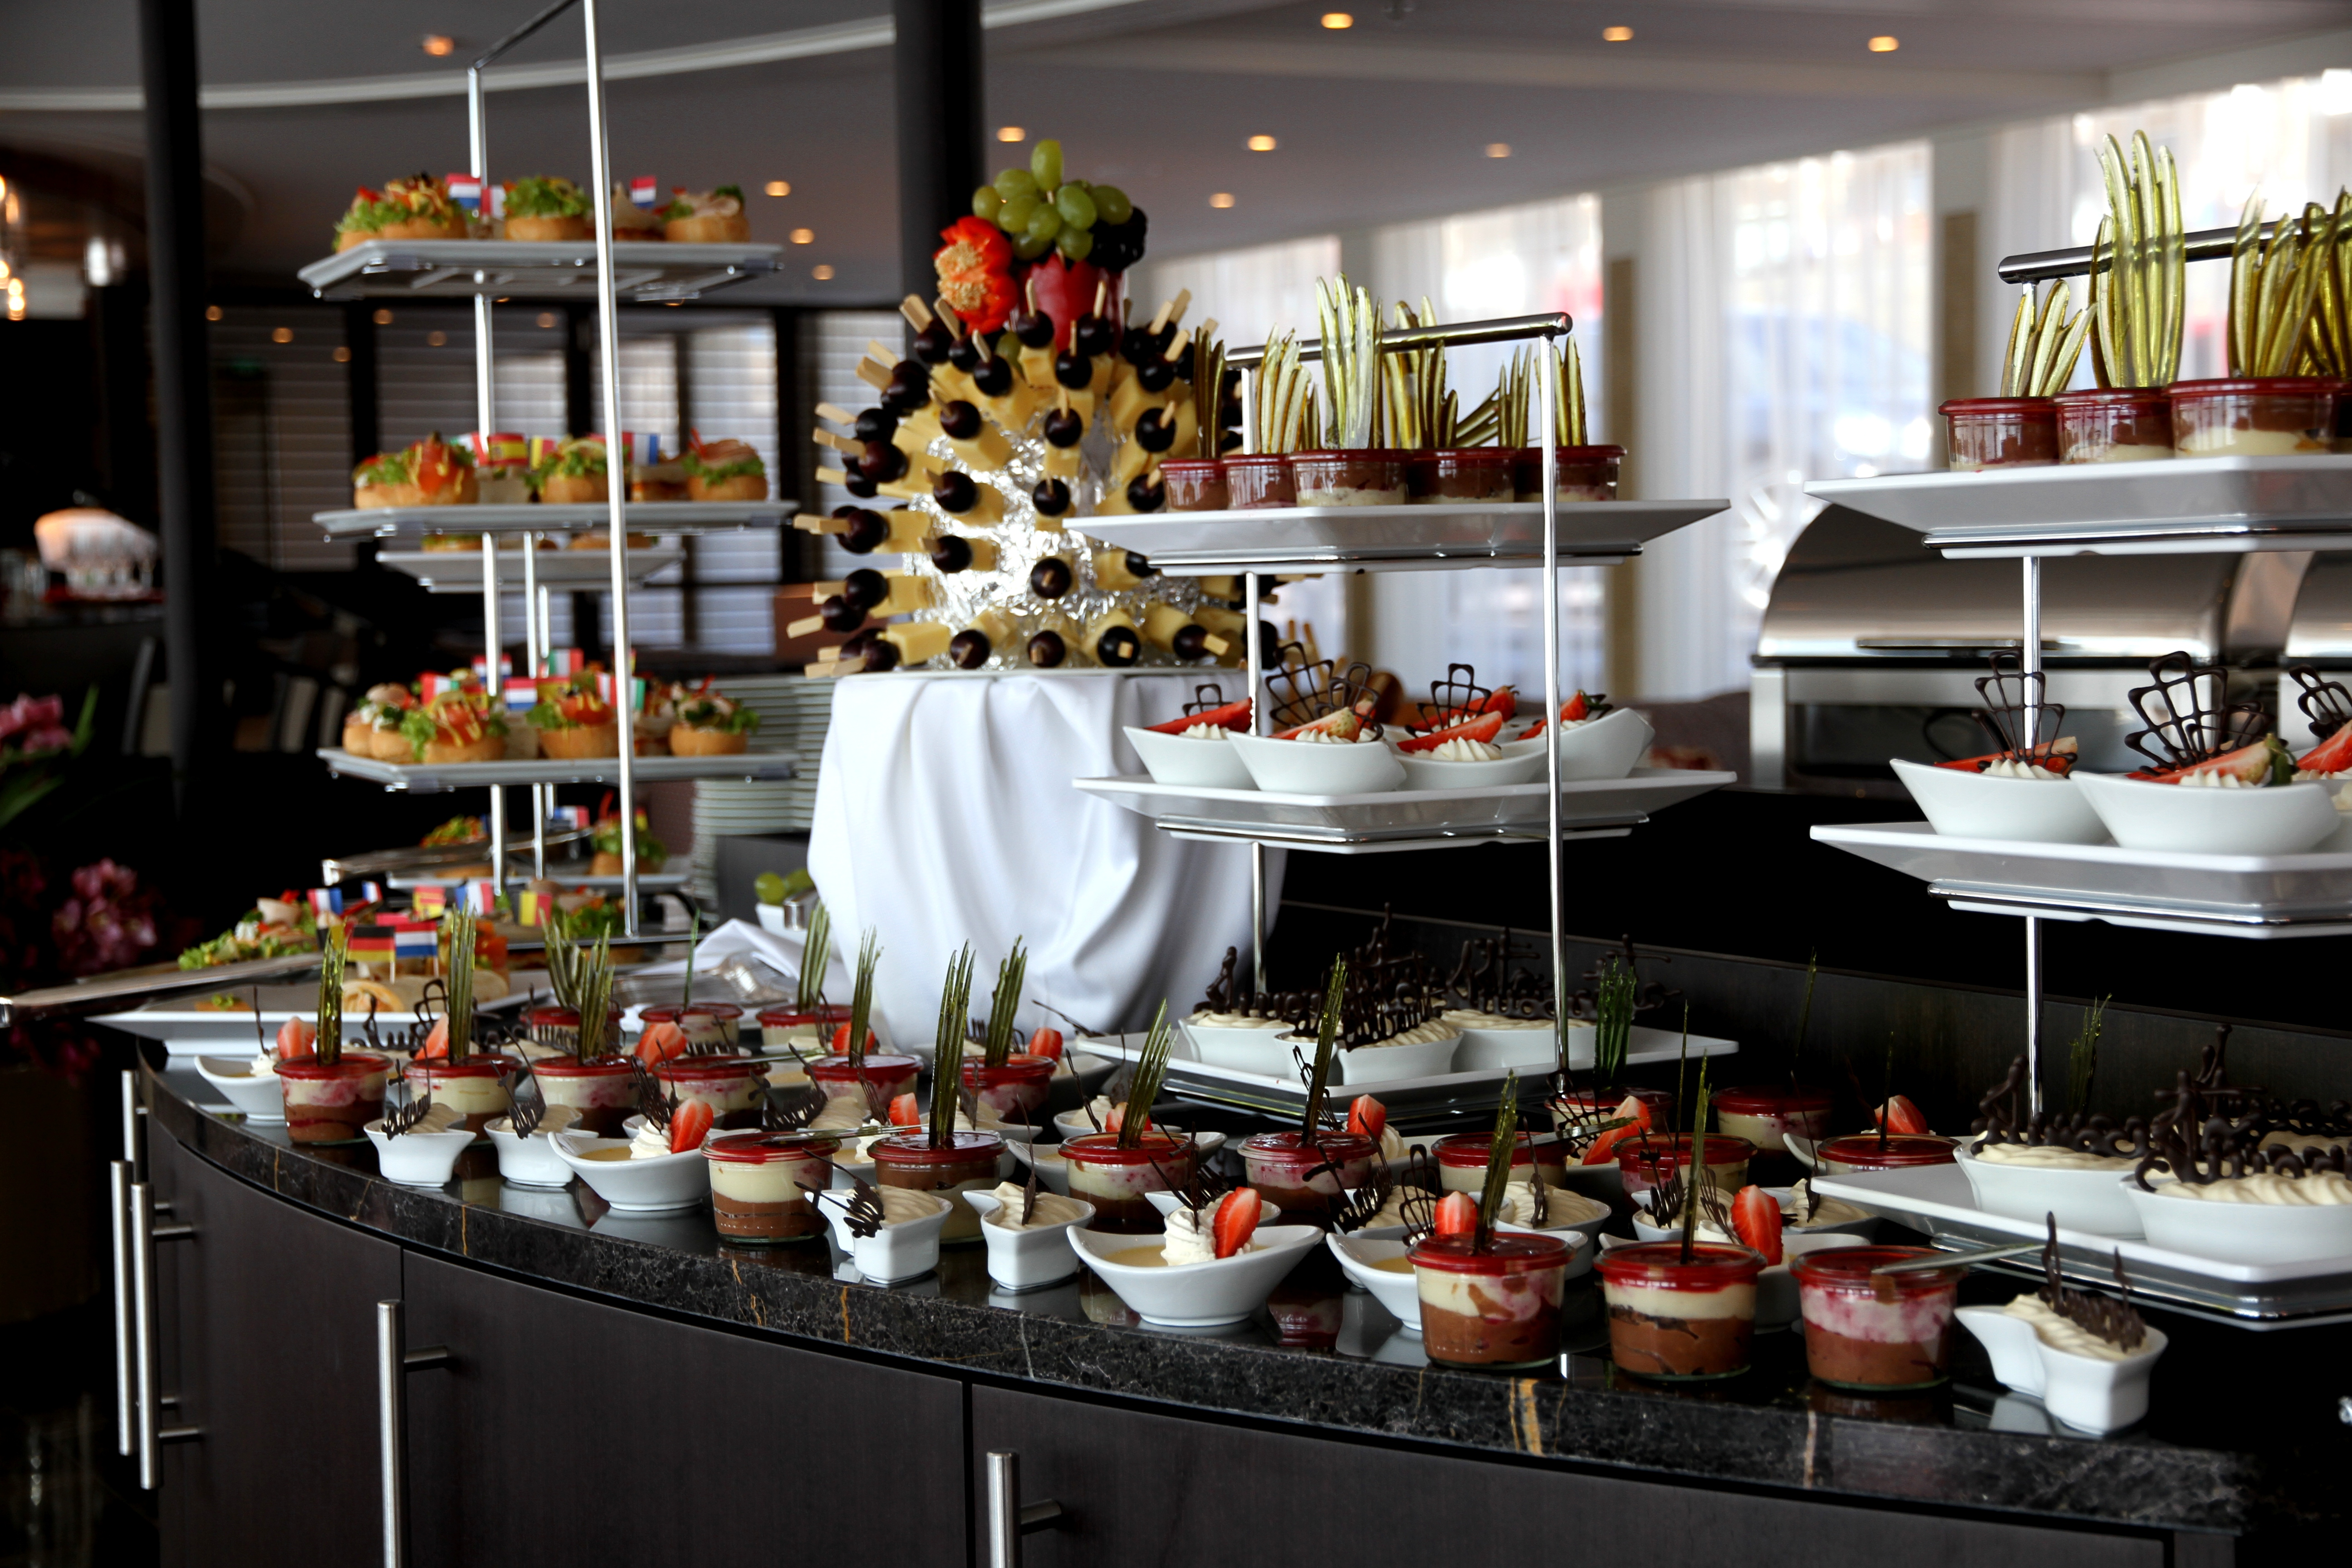 AmaWaterways AmaSerena AmaSonata AmaReina AmaPrima AmaCerto Interior Main Restaurant Food.jpg